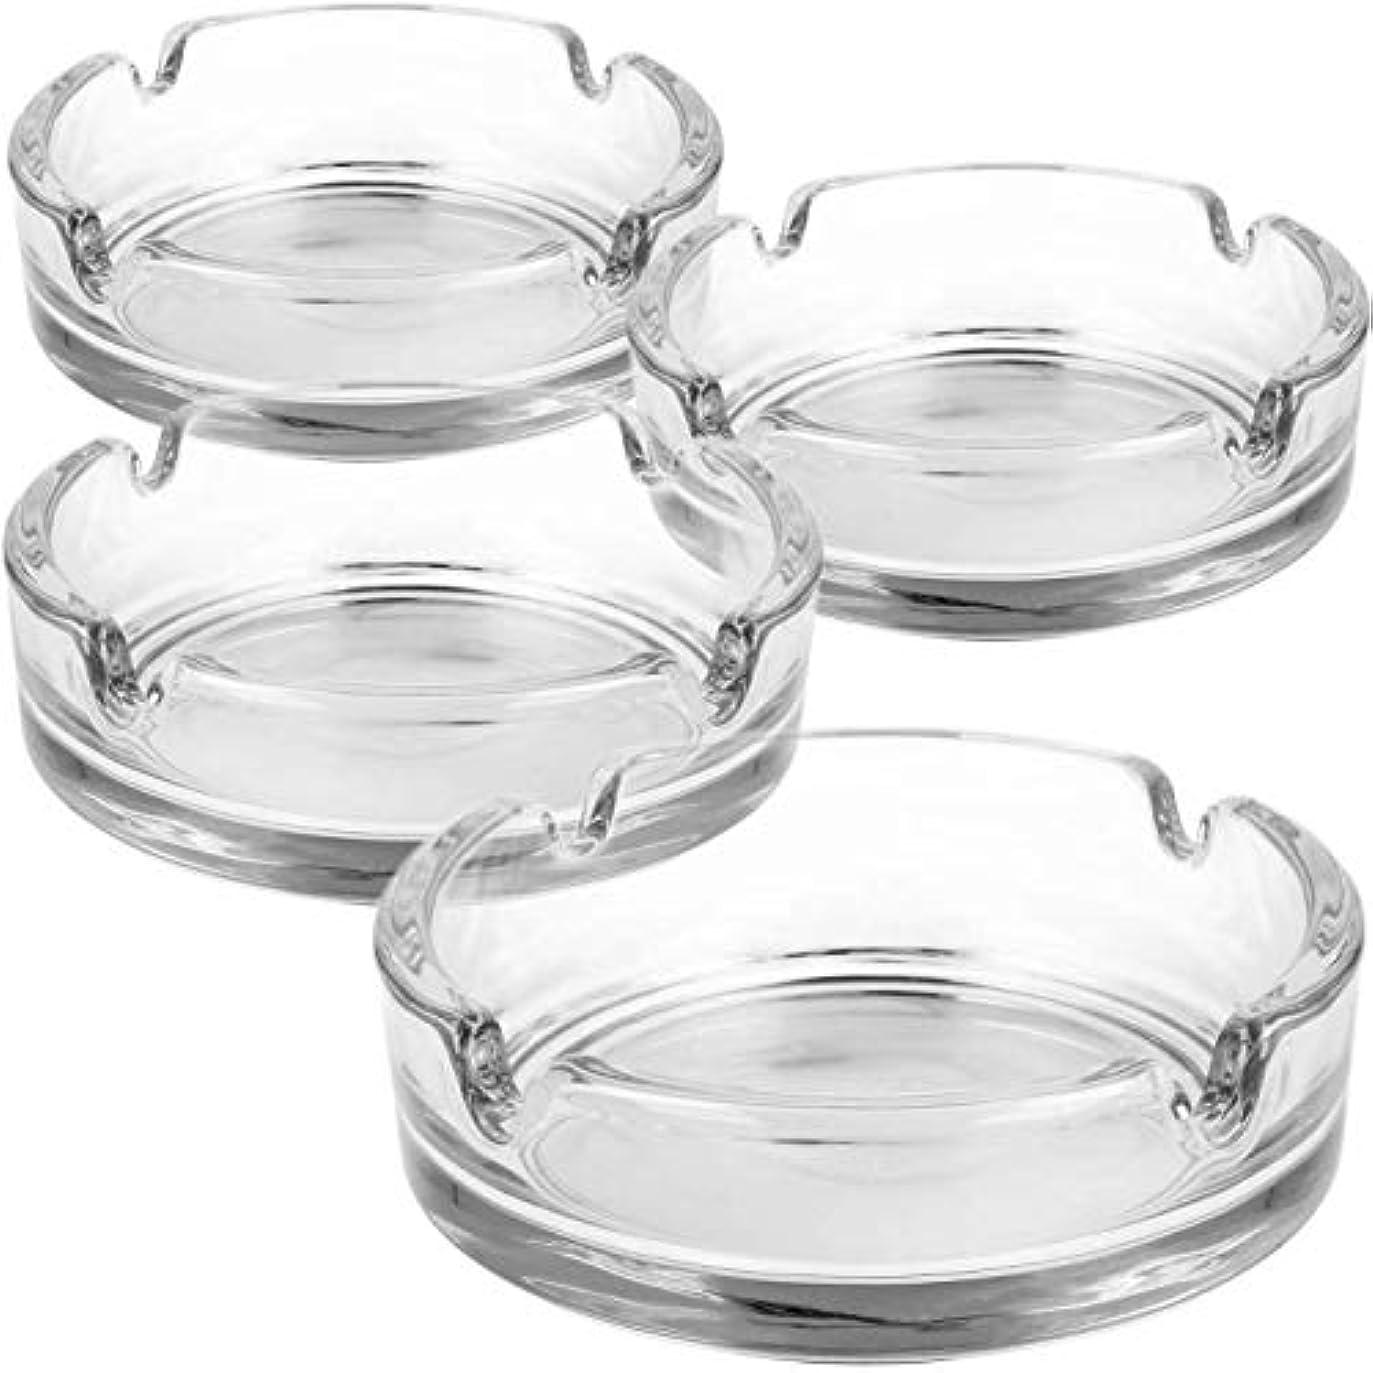 速い講義残り物ガラス製の4倍の灰皿 - タバコ用クリアガラスの灰皿 - プライベートと美食のための灰皿